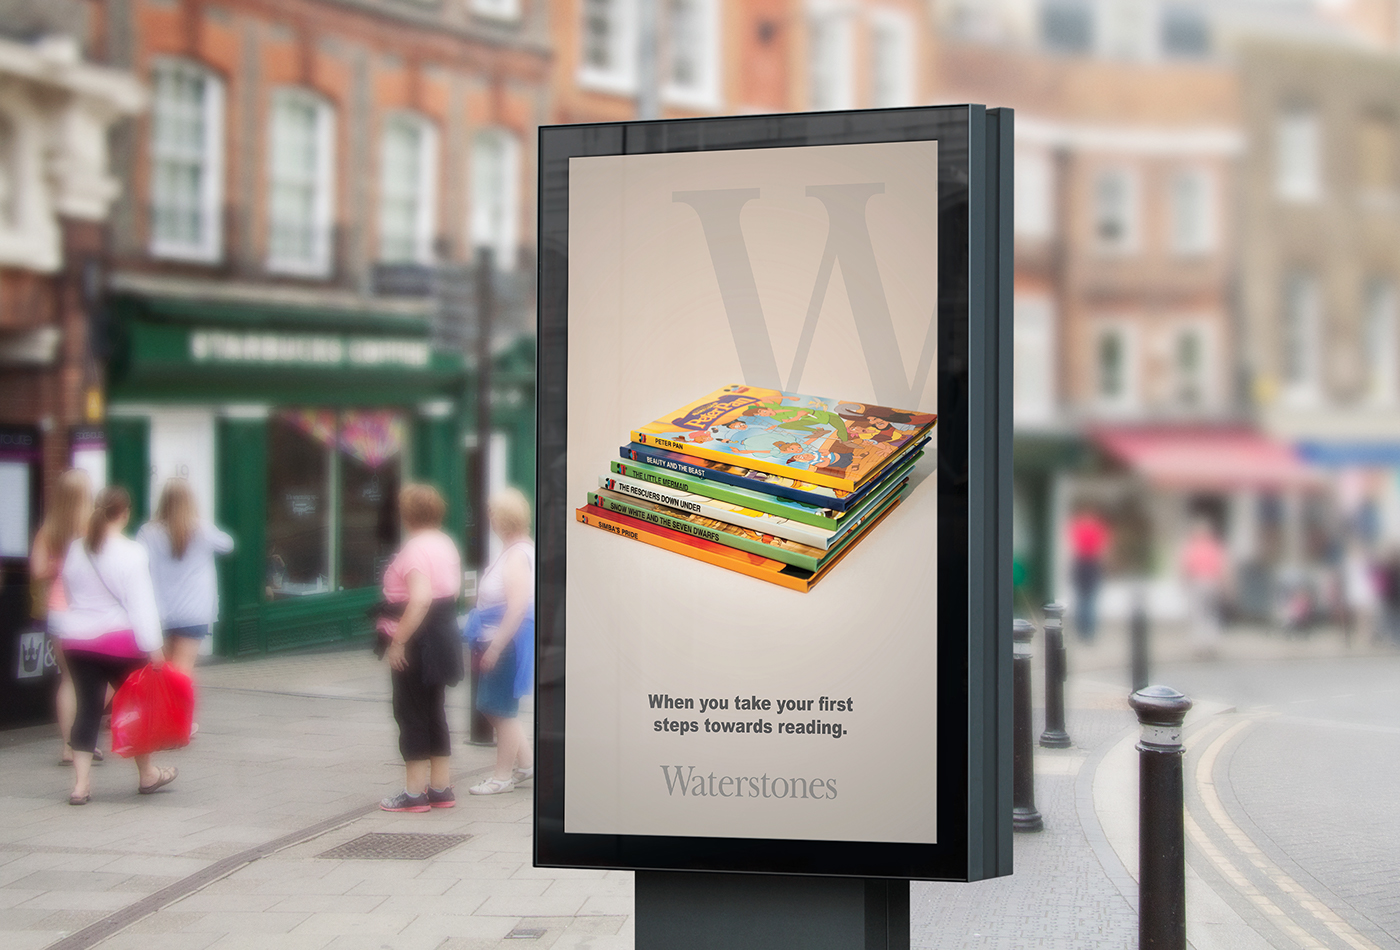 фотография в рекламе книги